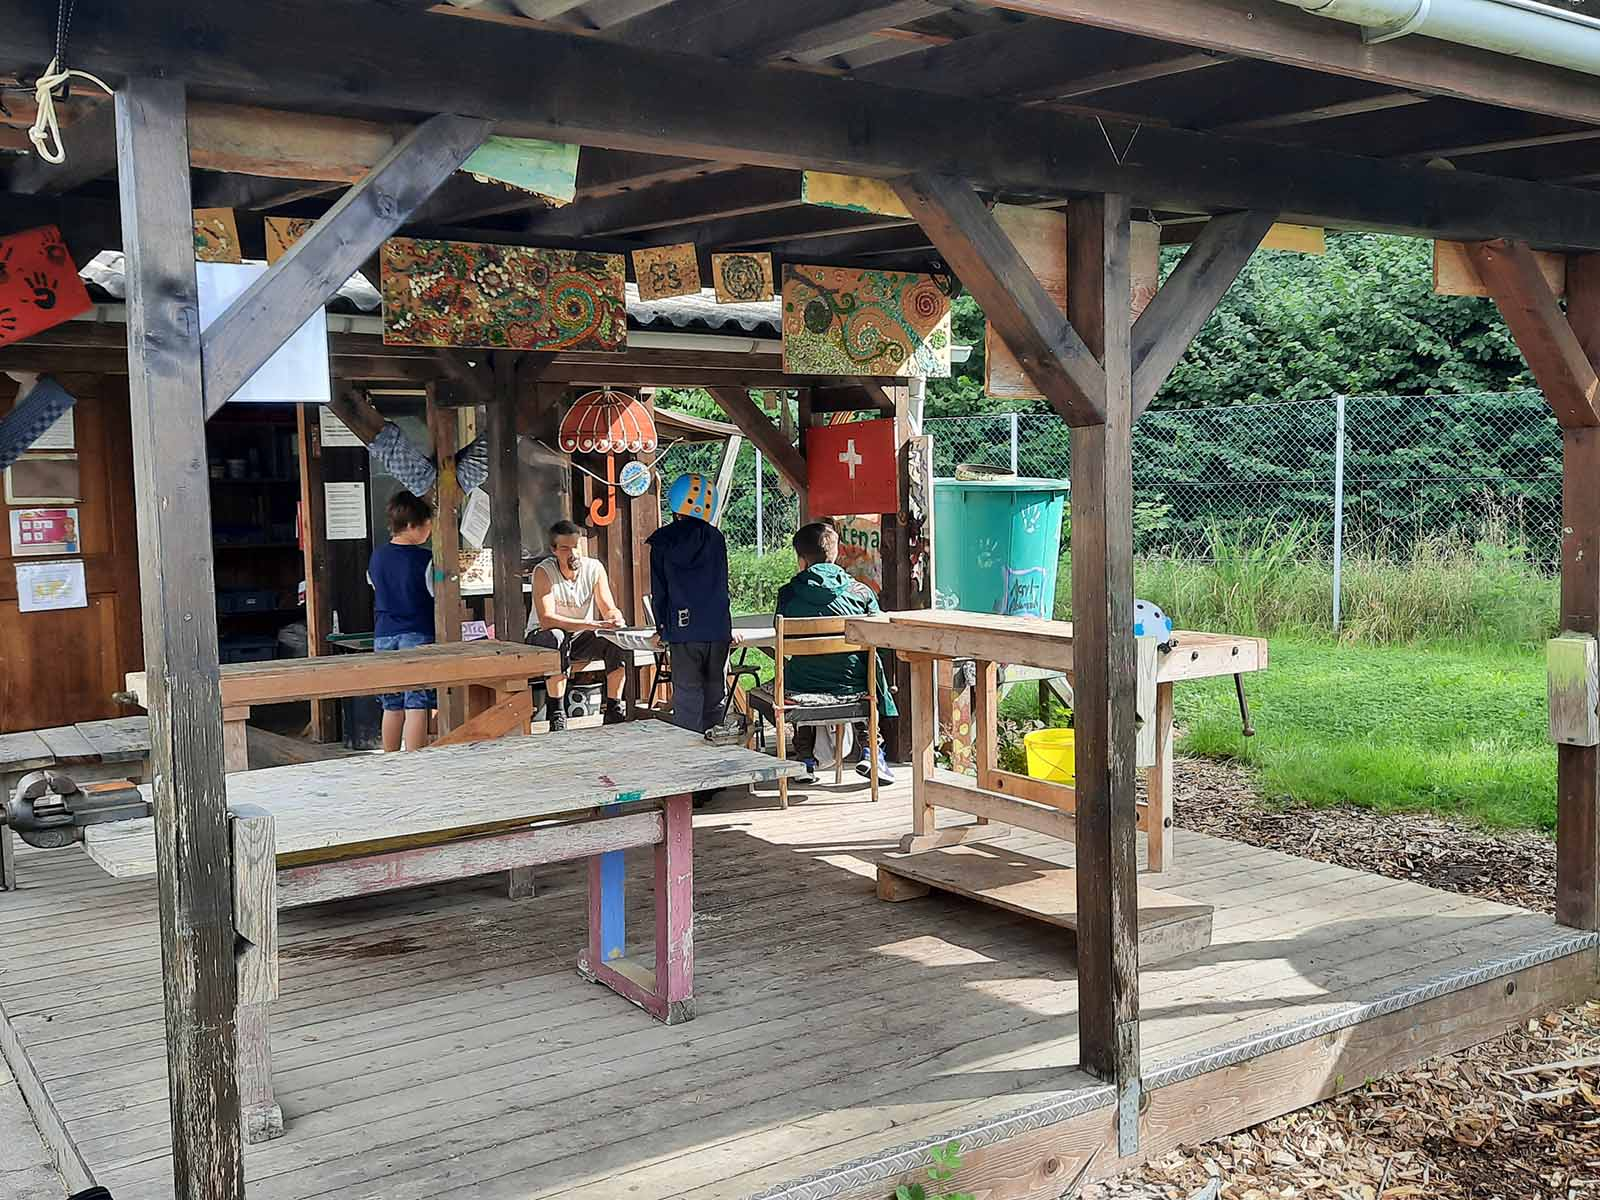 Lagebesprechung unter Baumeistern in der Sommerbauwoche.